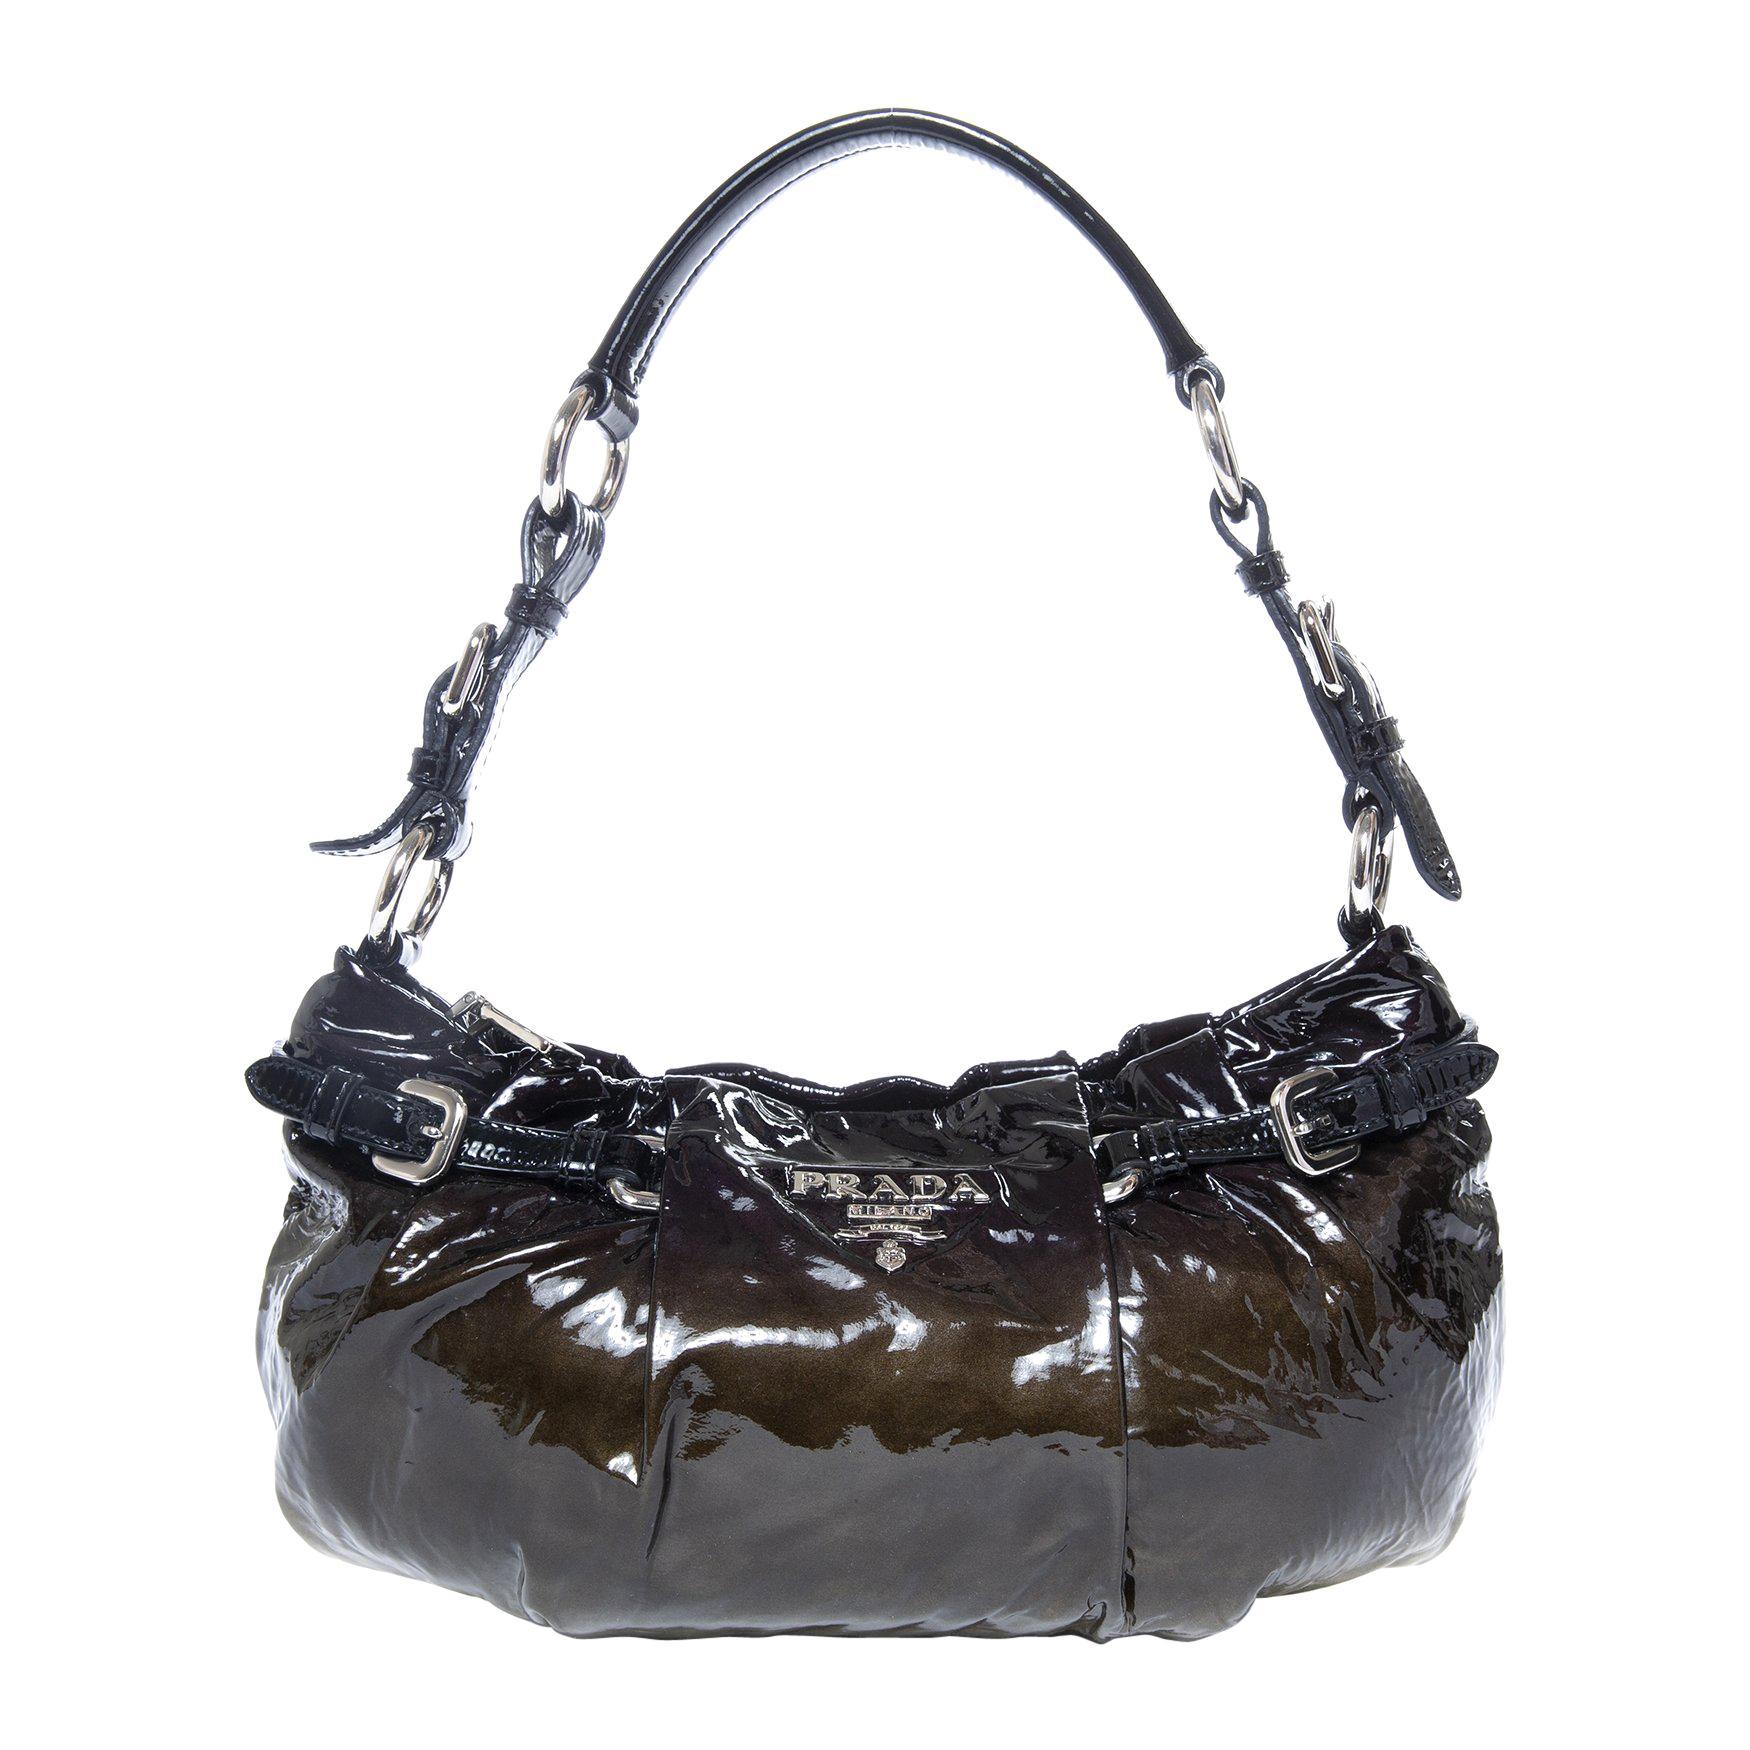 696793315 Labellov Tote Bags - 1stdibs